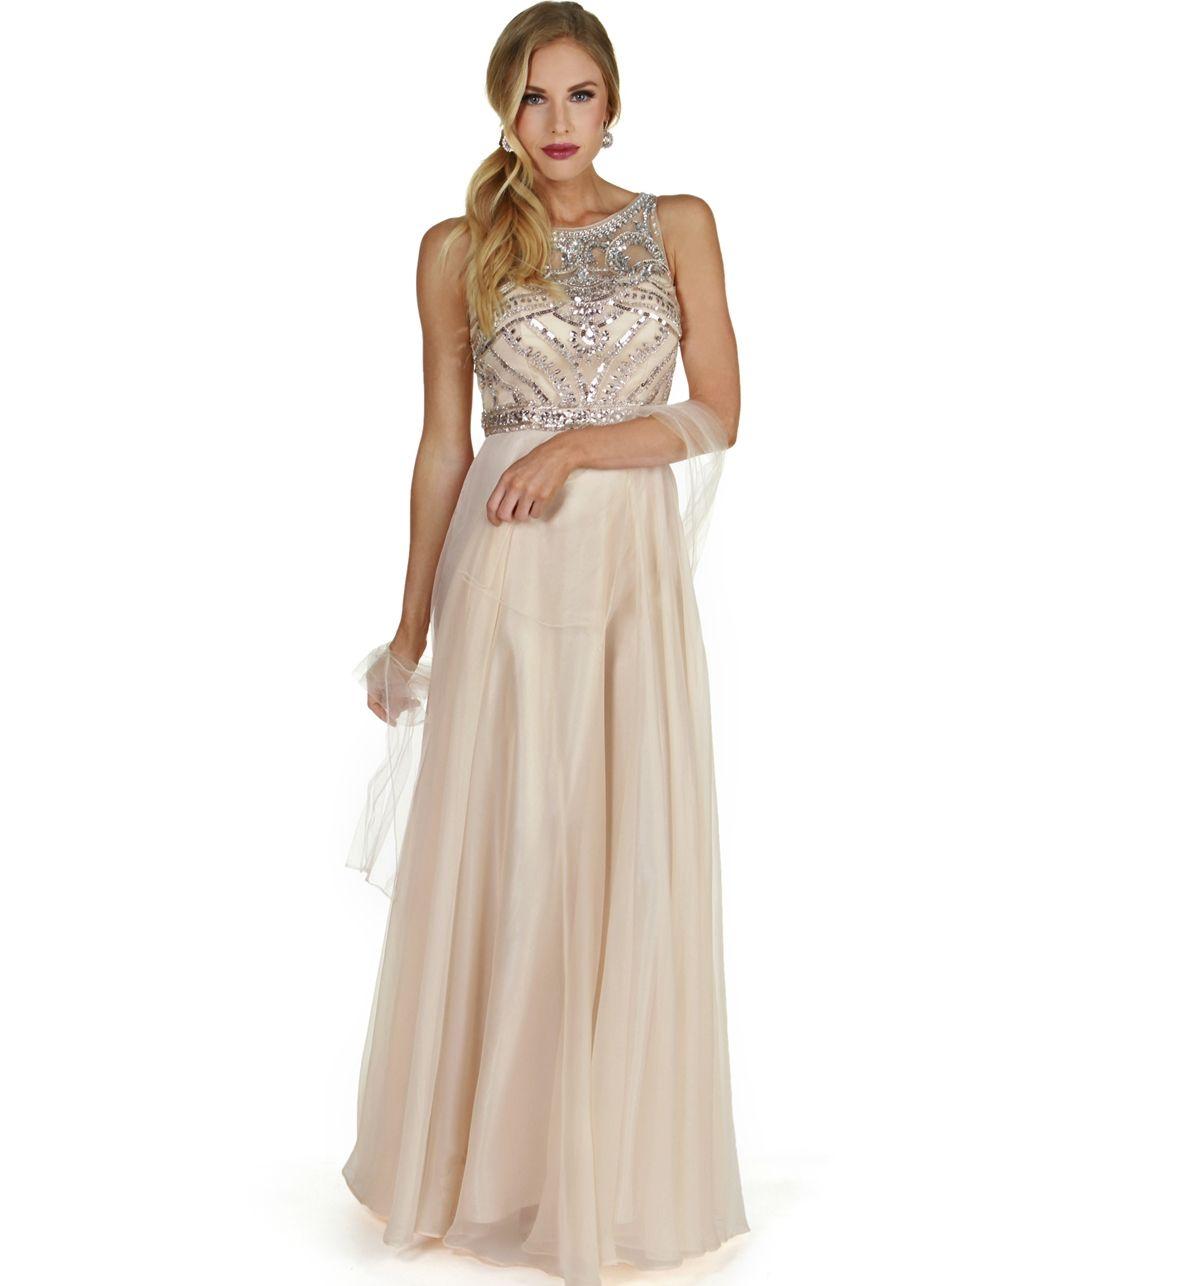 Atemberaubend Prom Kleid Windsor Bilder - Hochzeit Kleid Stile Ideen ...